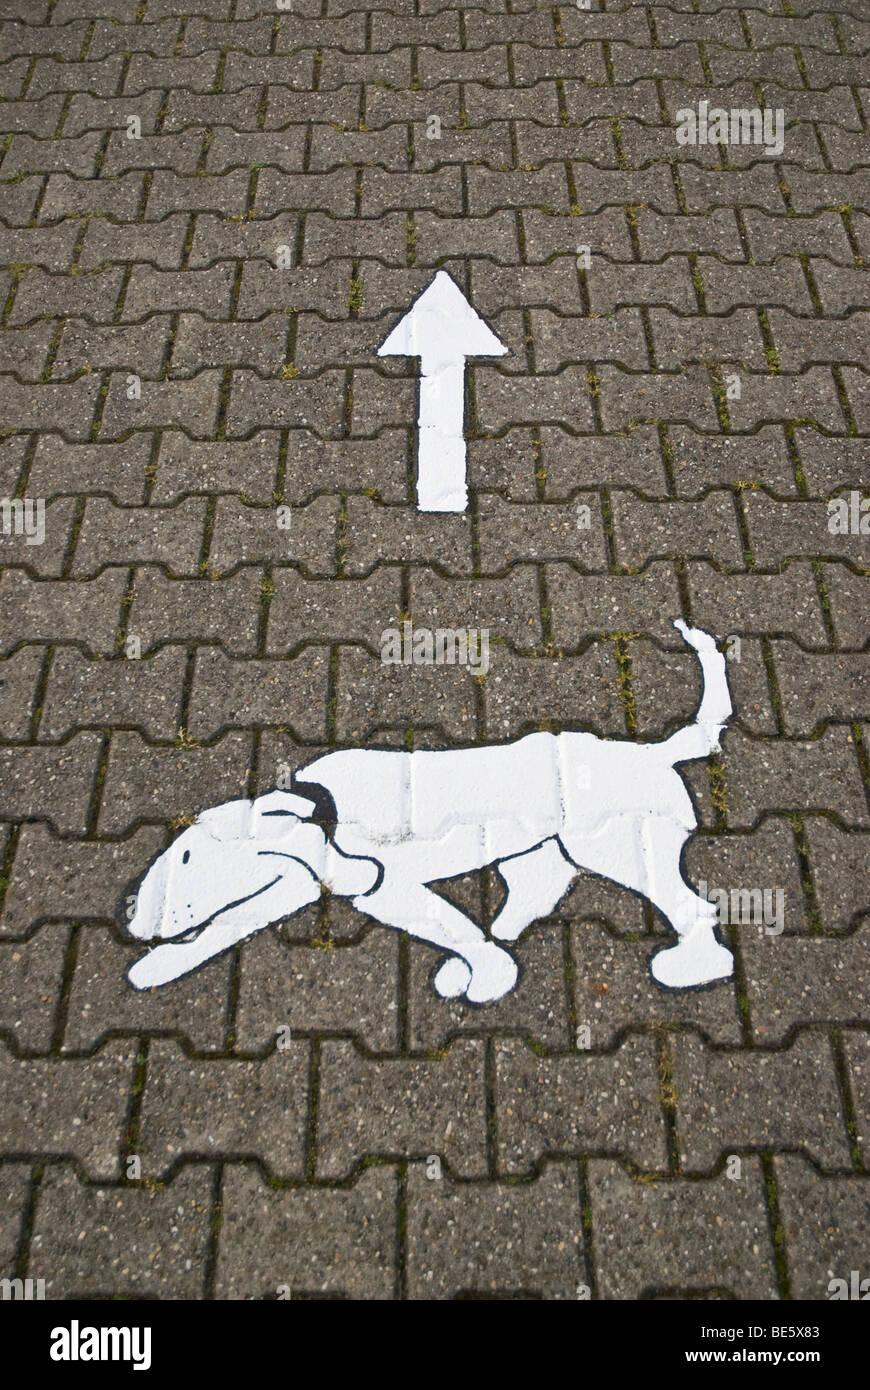 Hund Weg, Bild von einem Hund mit einem Pfeil auf dem Bürgersteig Stockbild